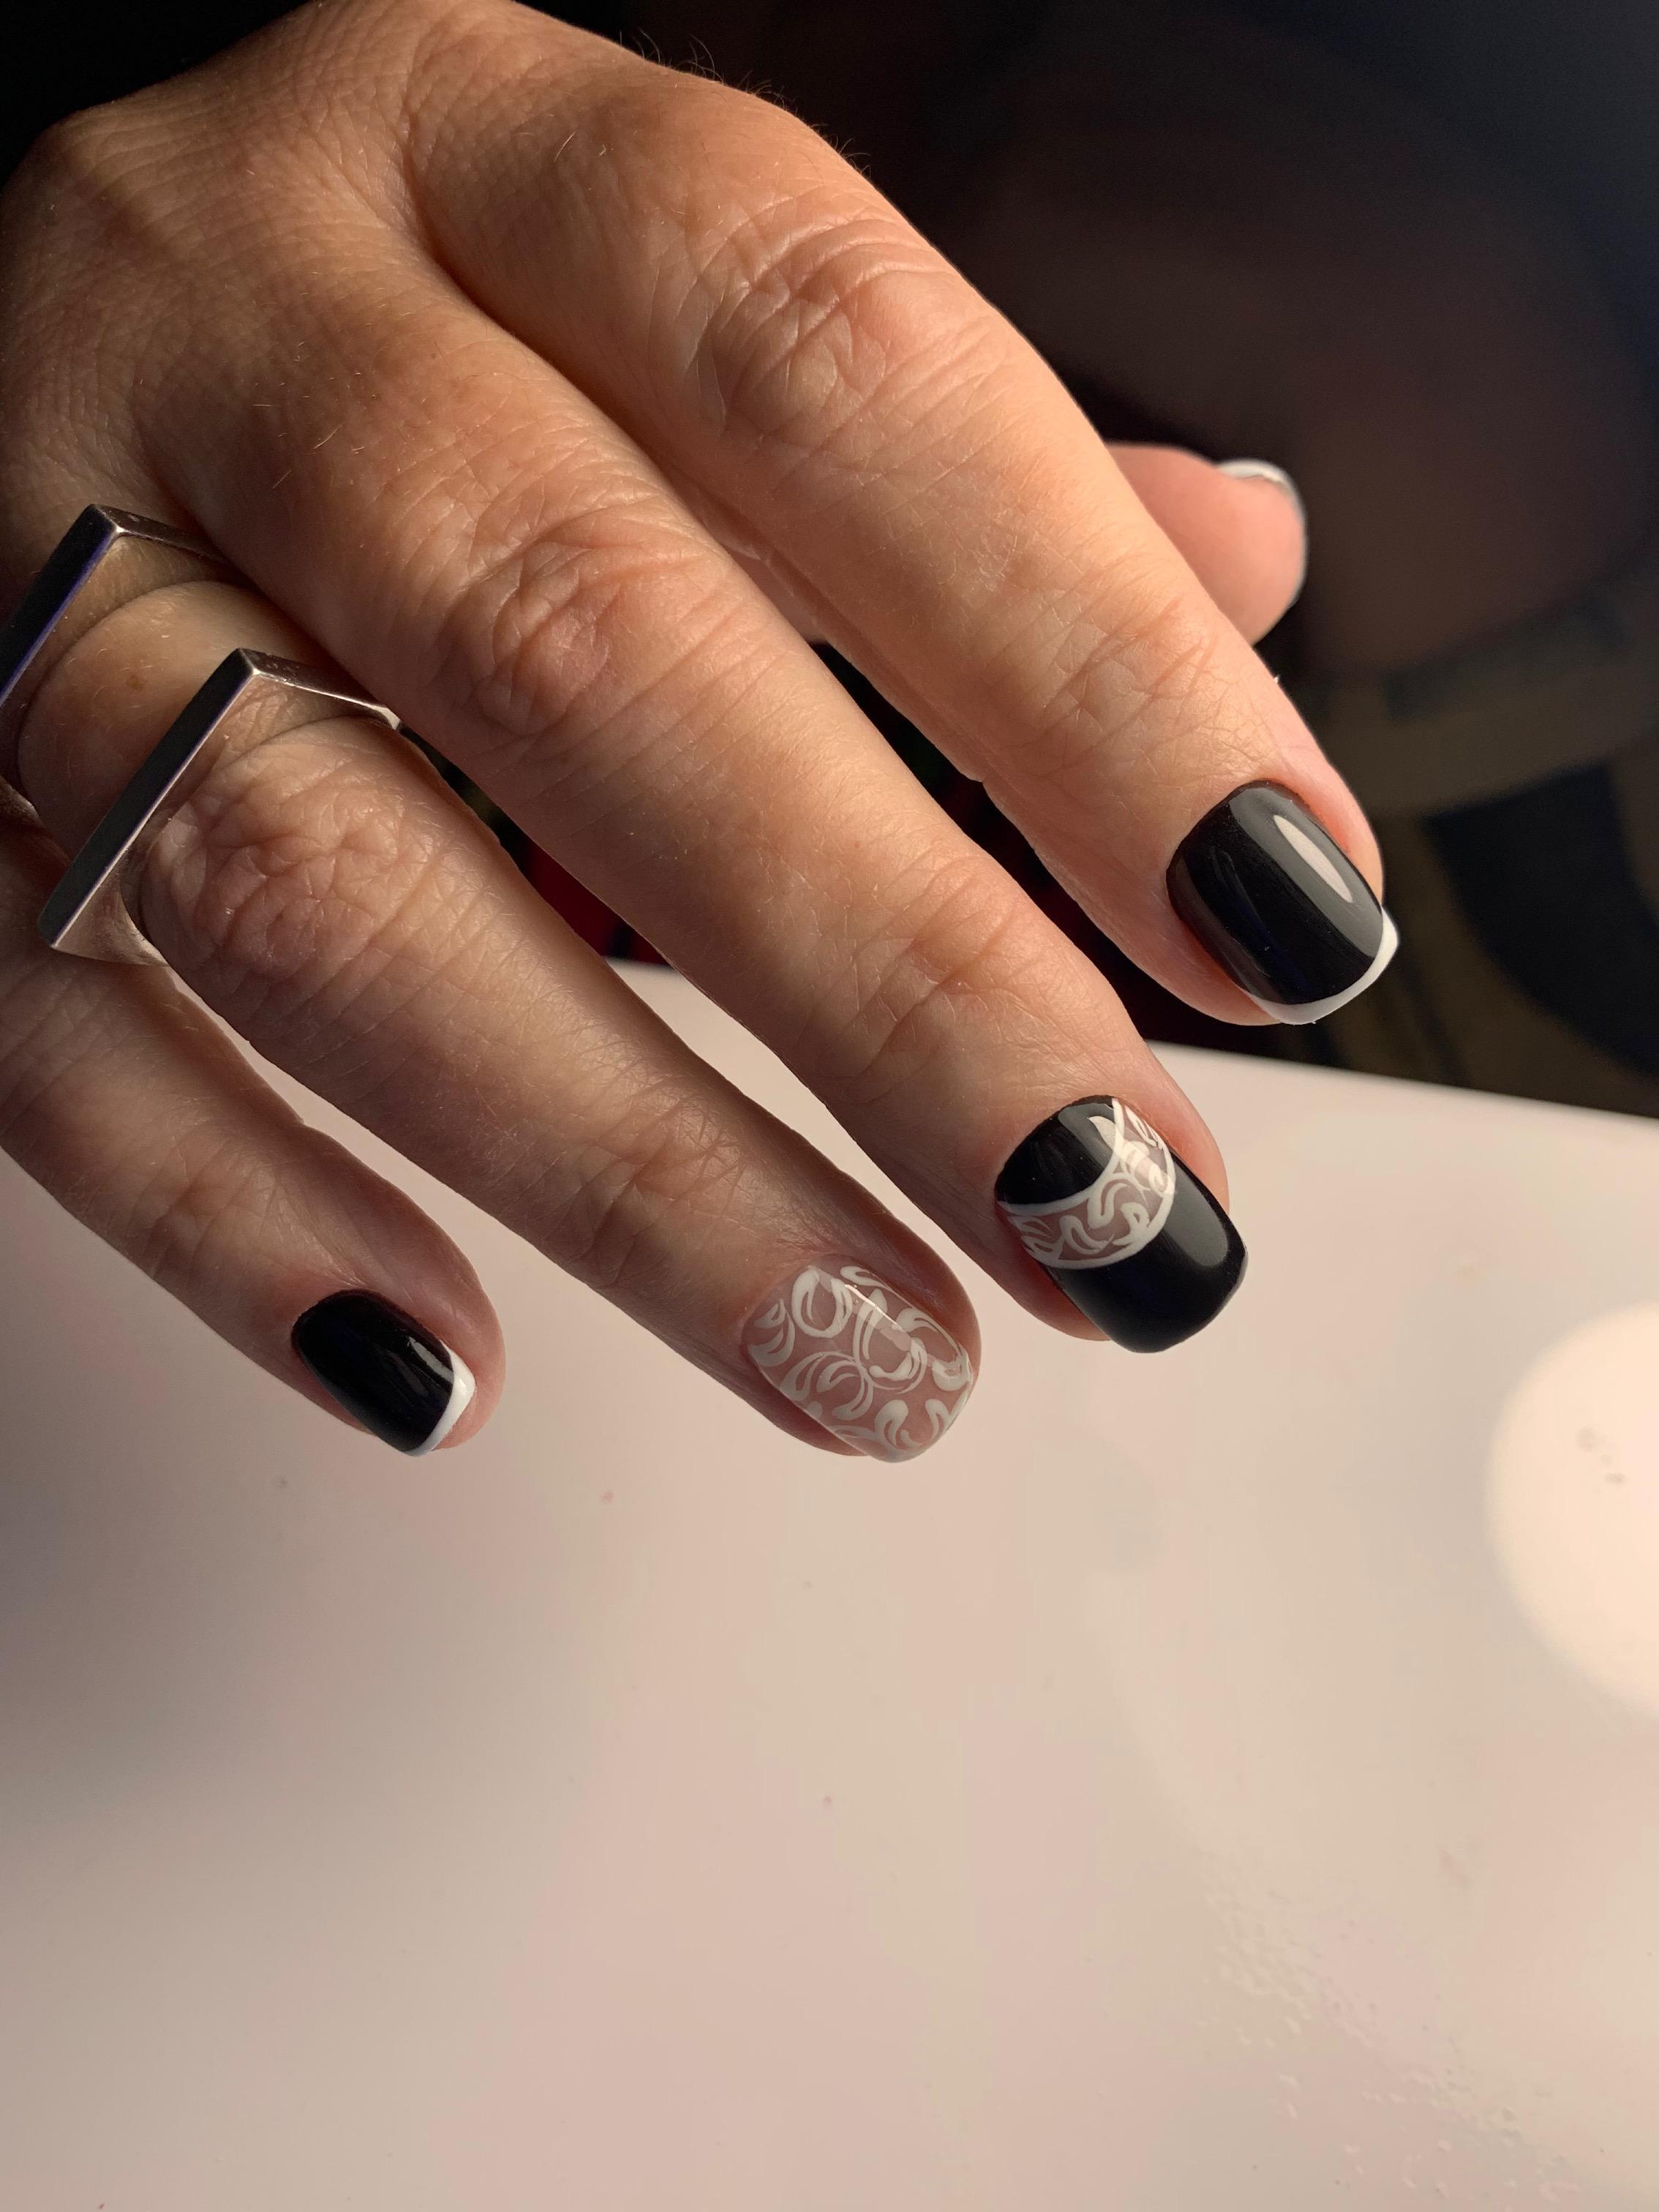 Френч с кружевным дизайном в черном цвете на короткие ногти.